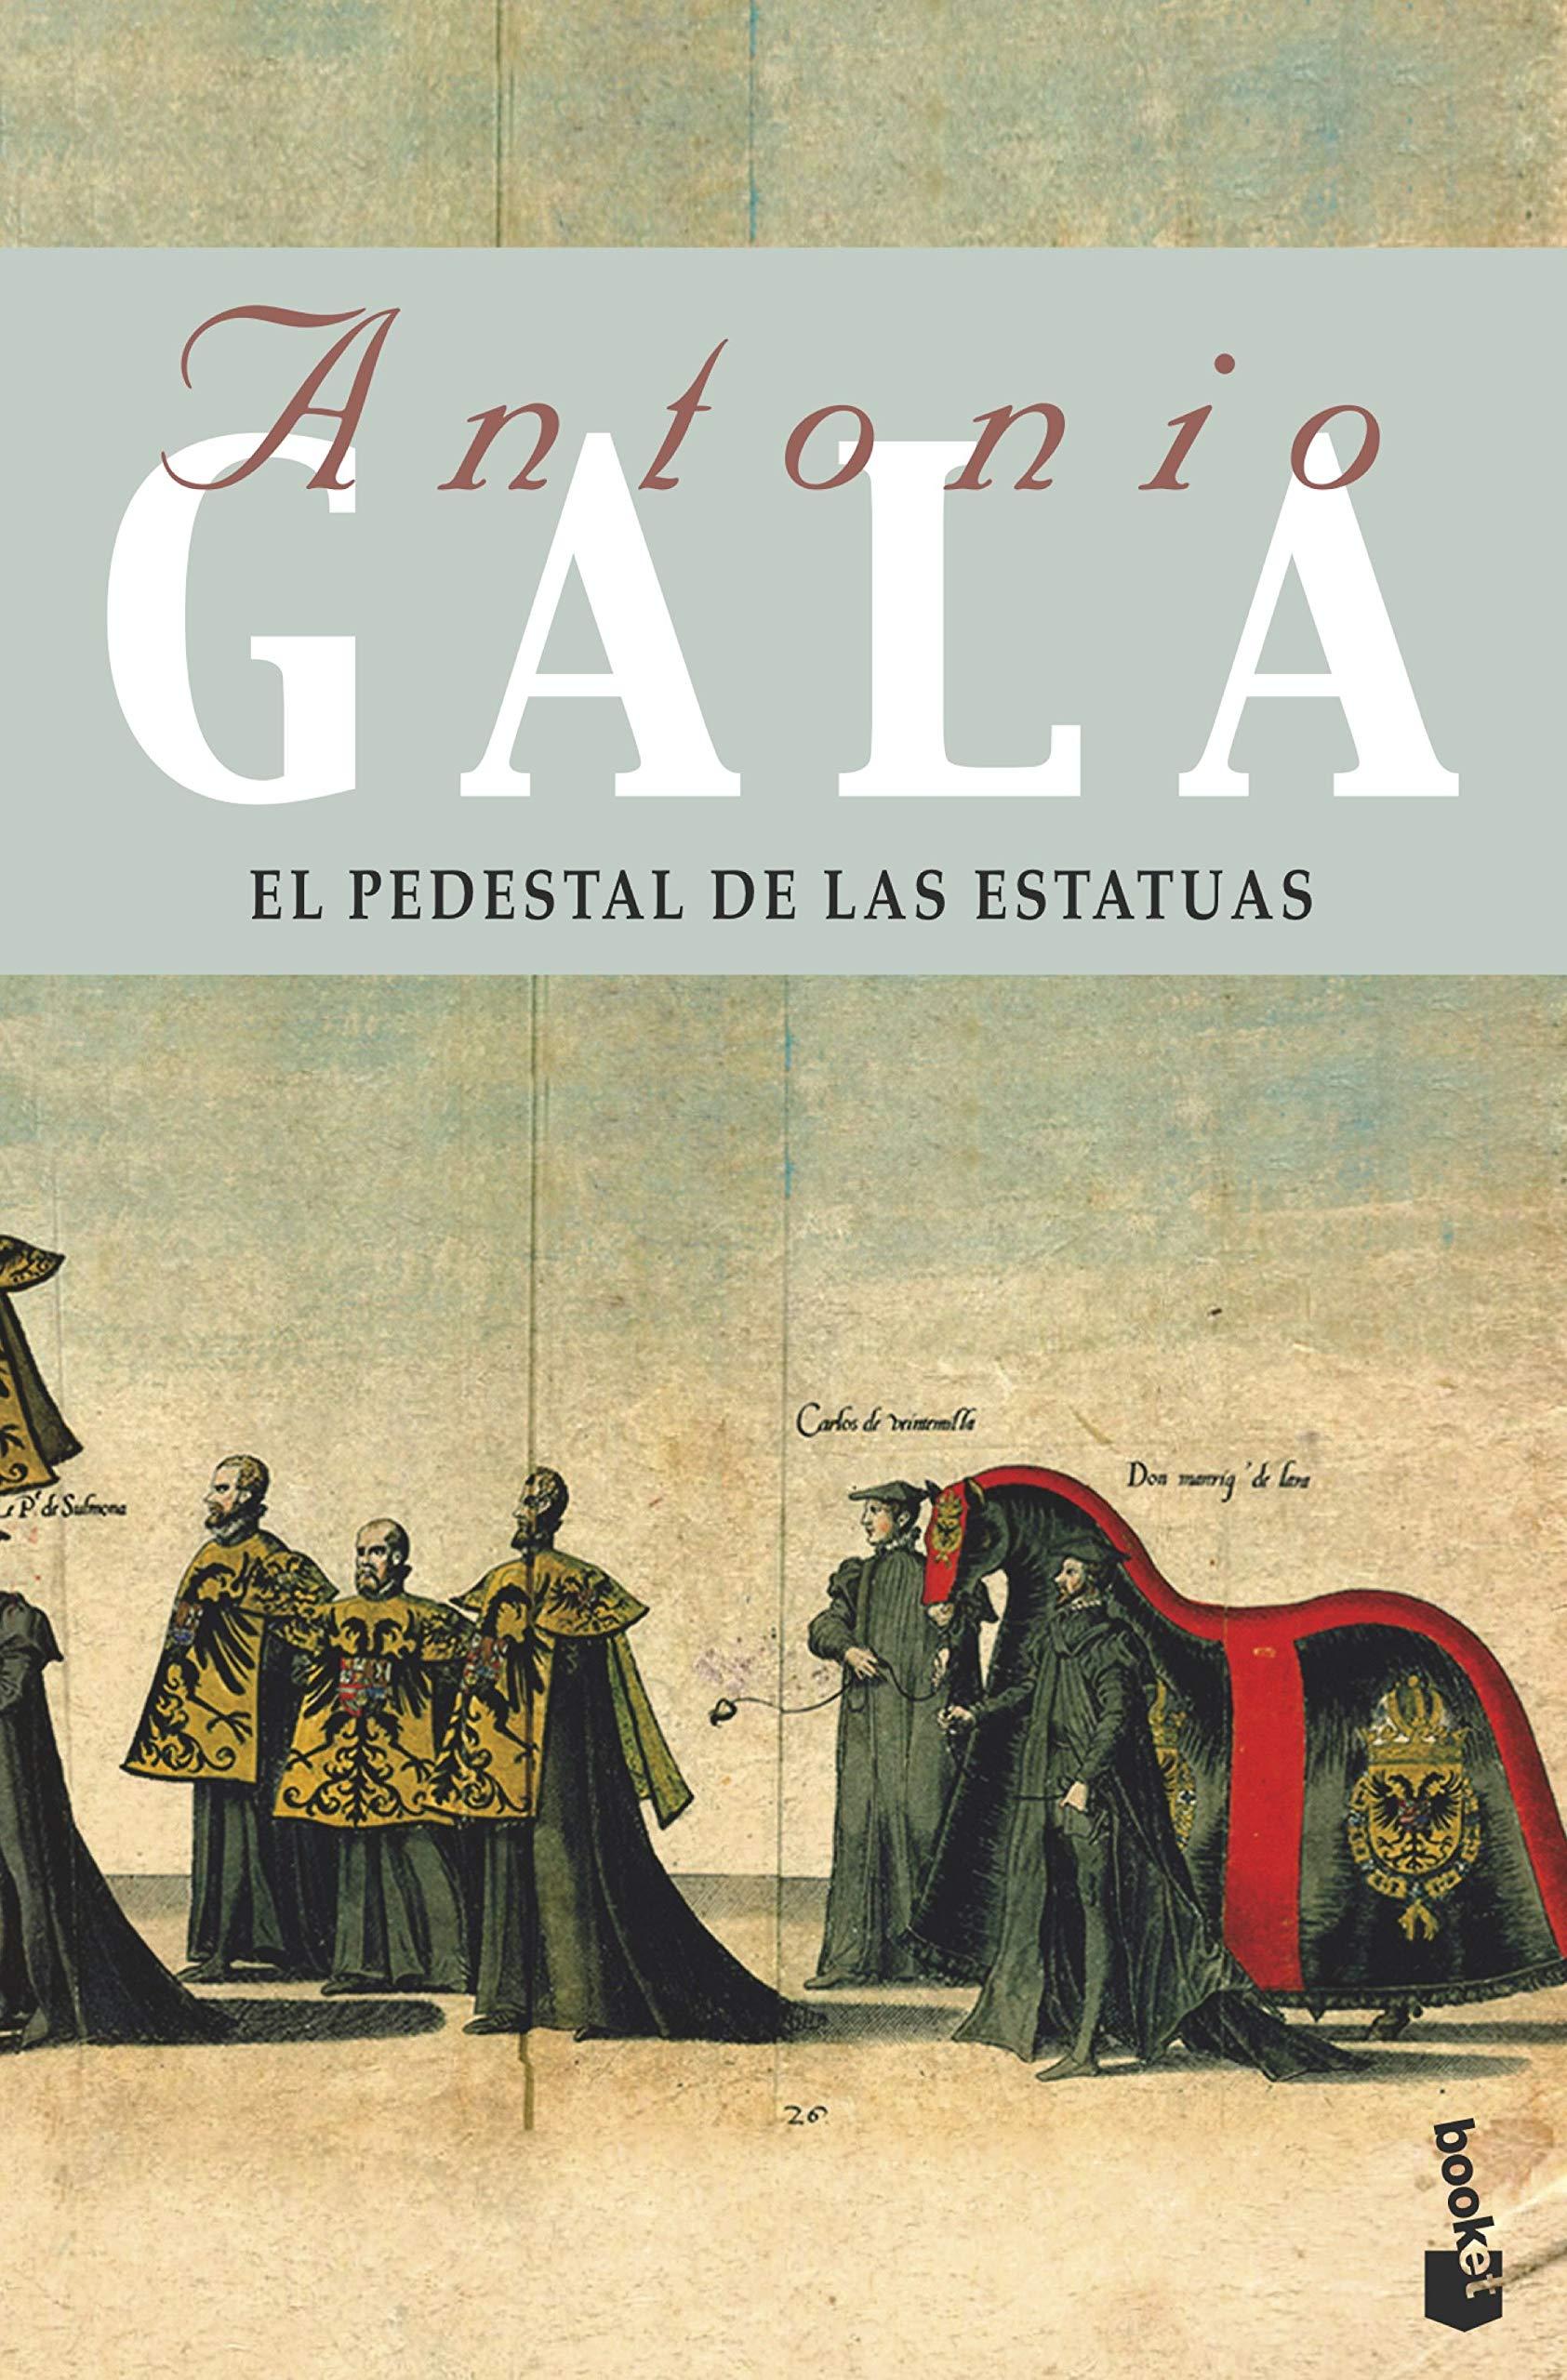 El pedestal de las estatuas (Biblioteca Antonio Gala): Amazon.es